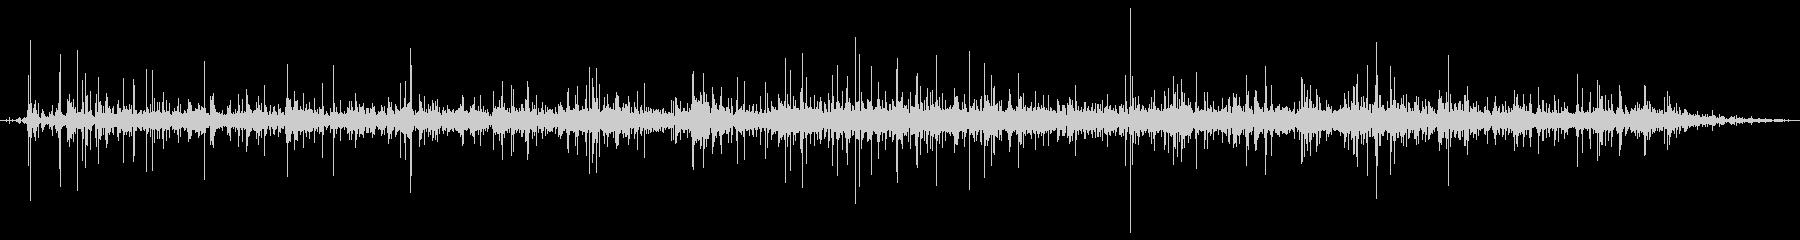 【環境音】 37 水音 / シンクの未再生の波形